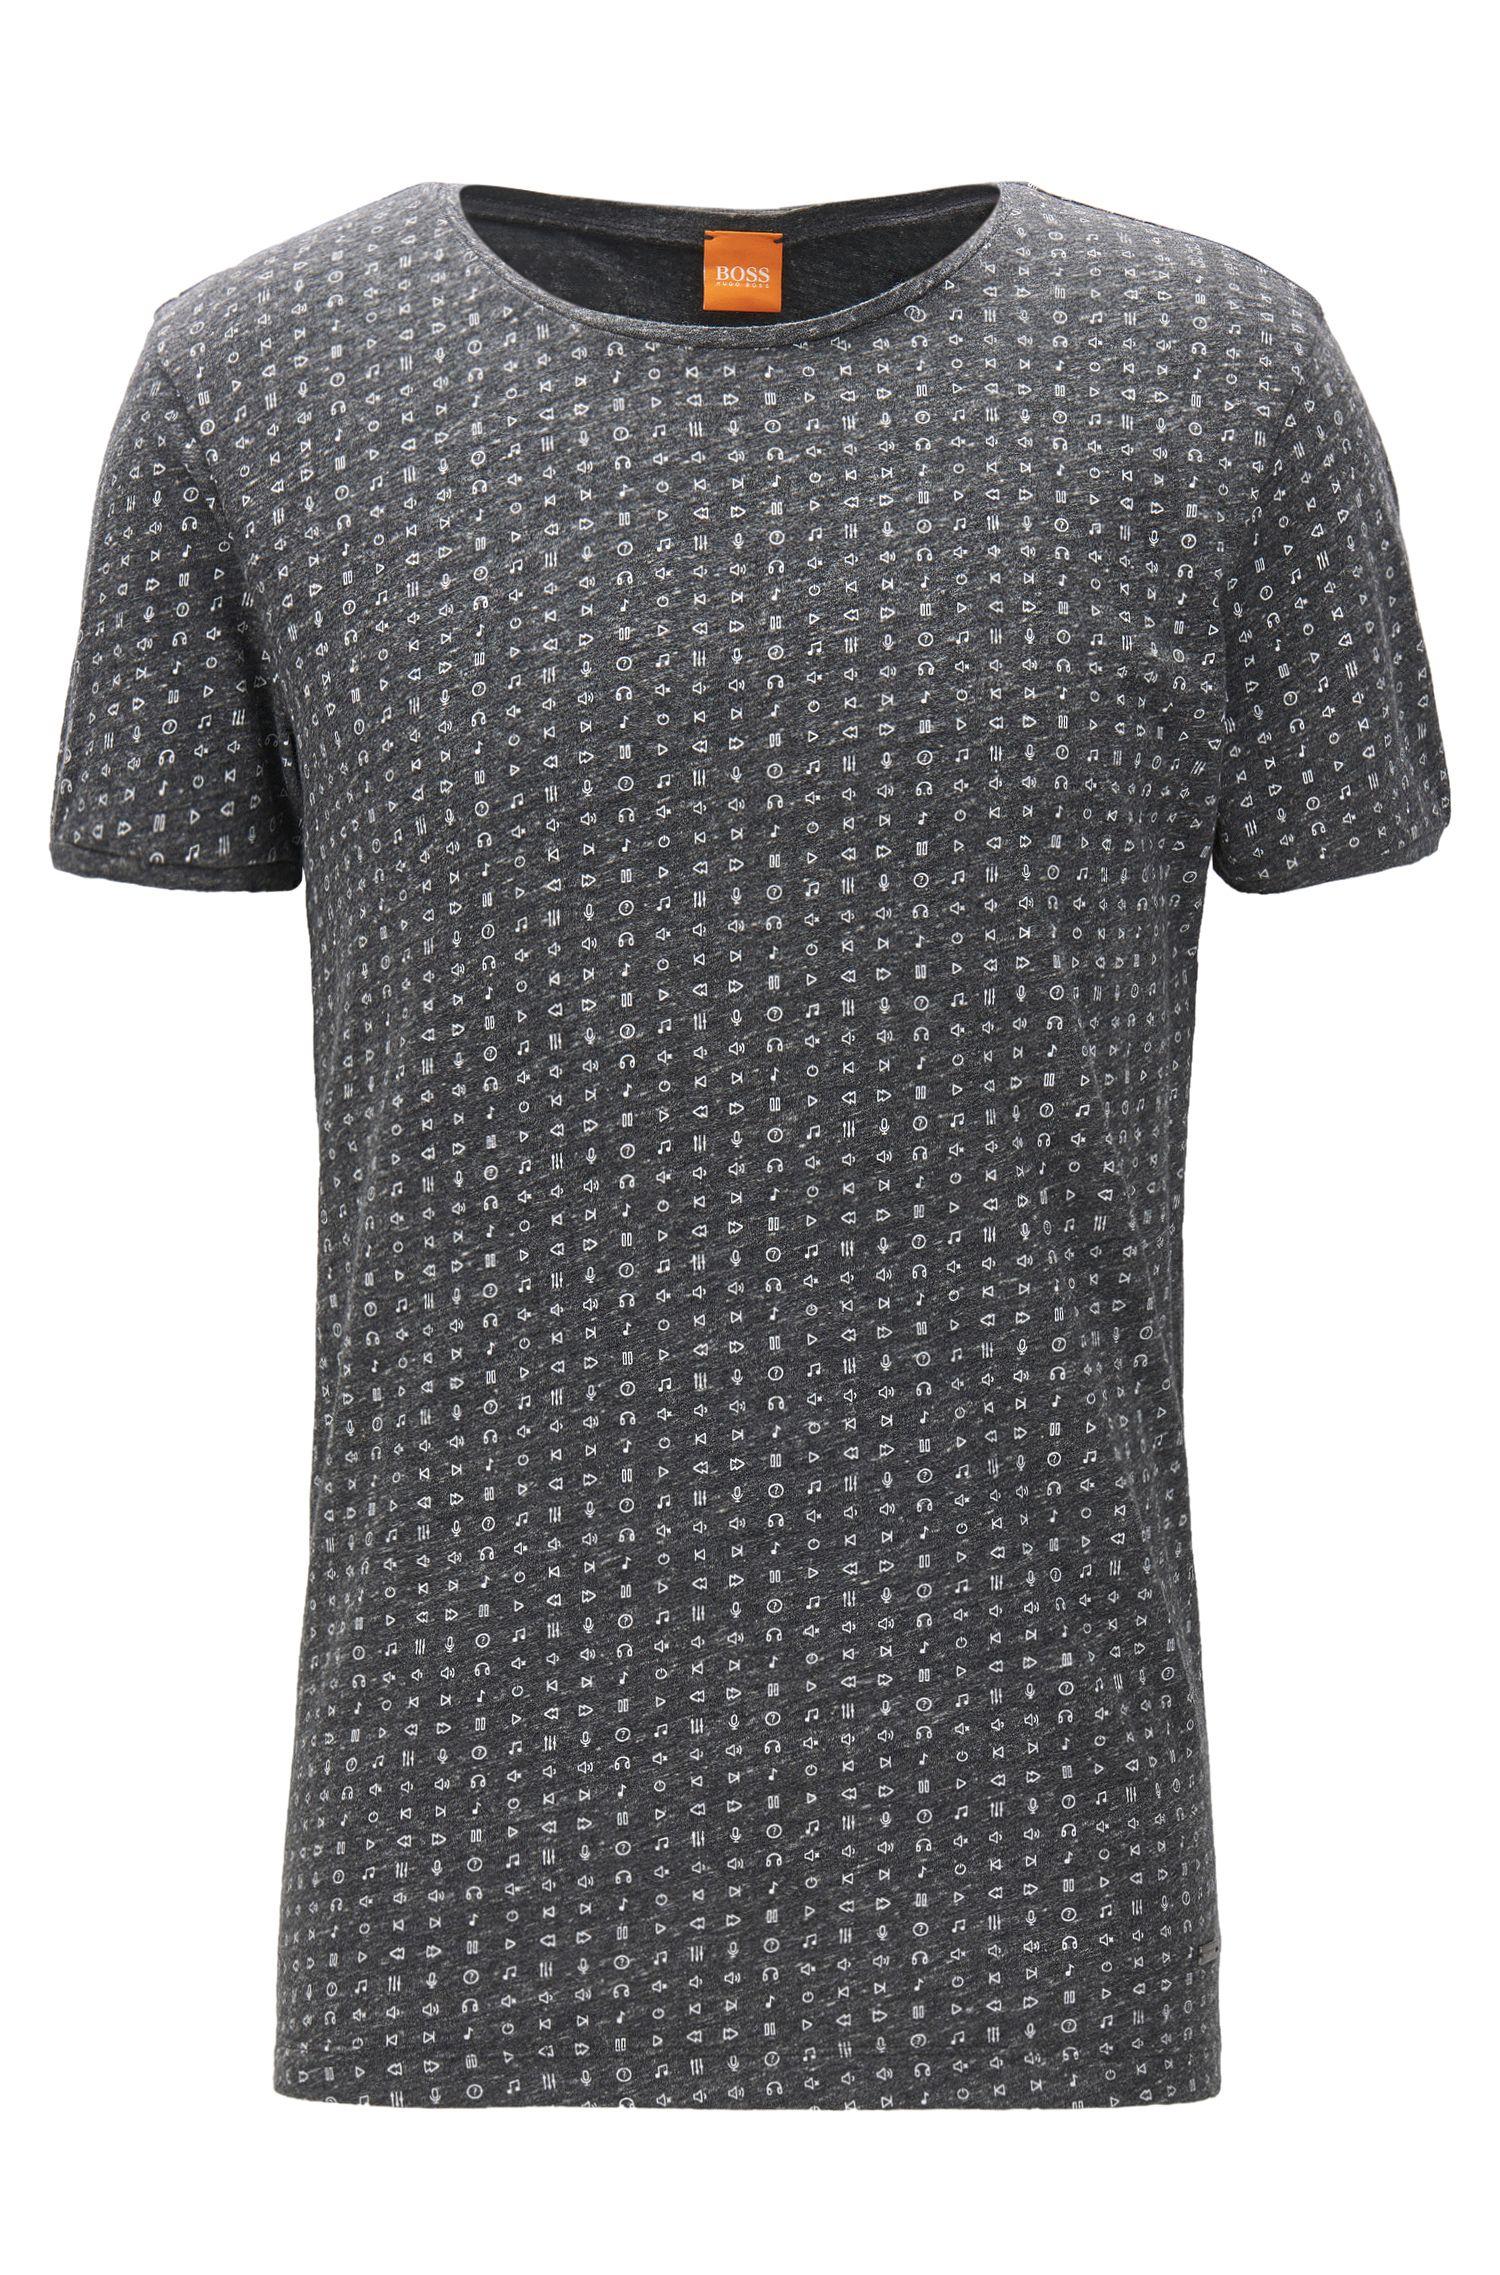 Heather Cotton Jersey T-Shirt   Touching